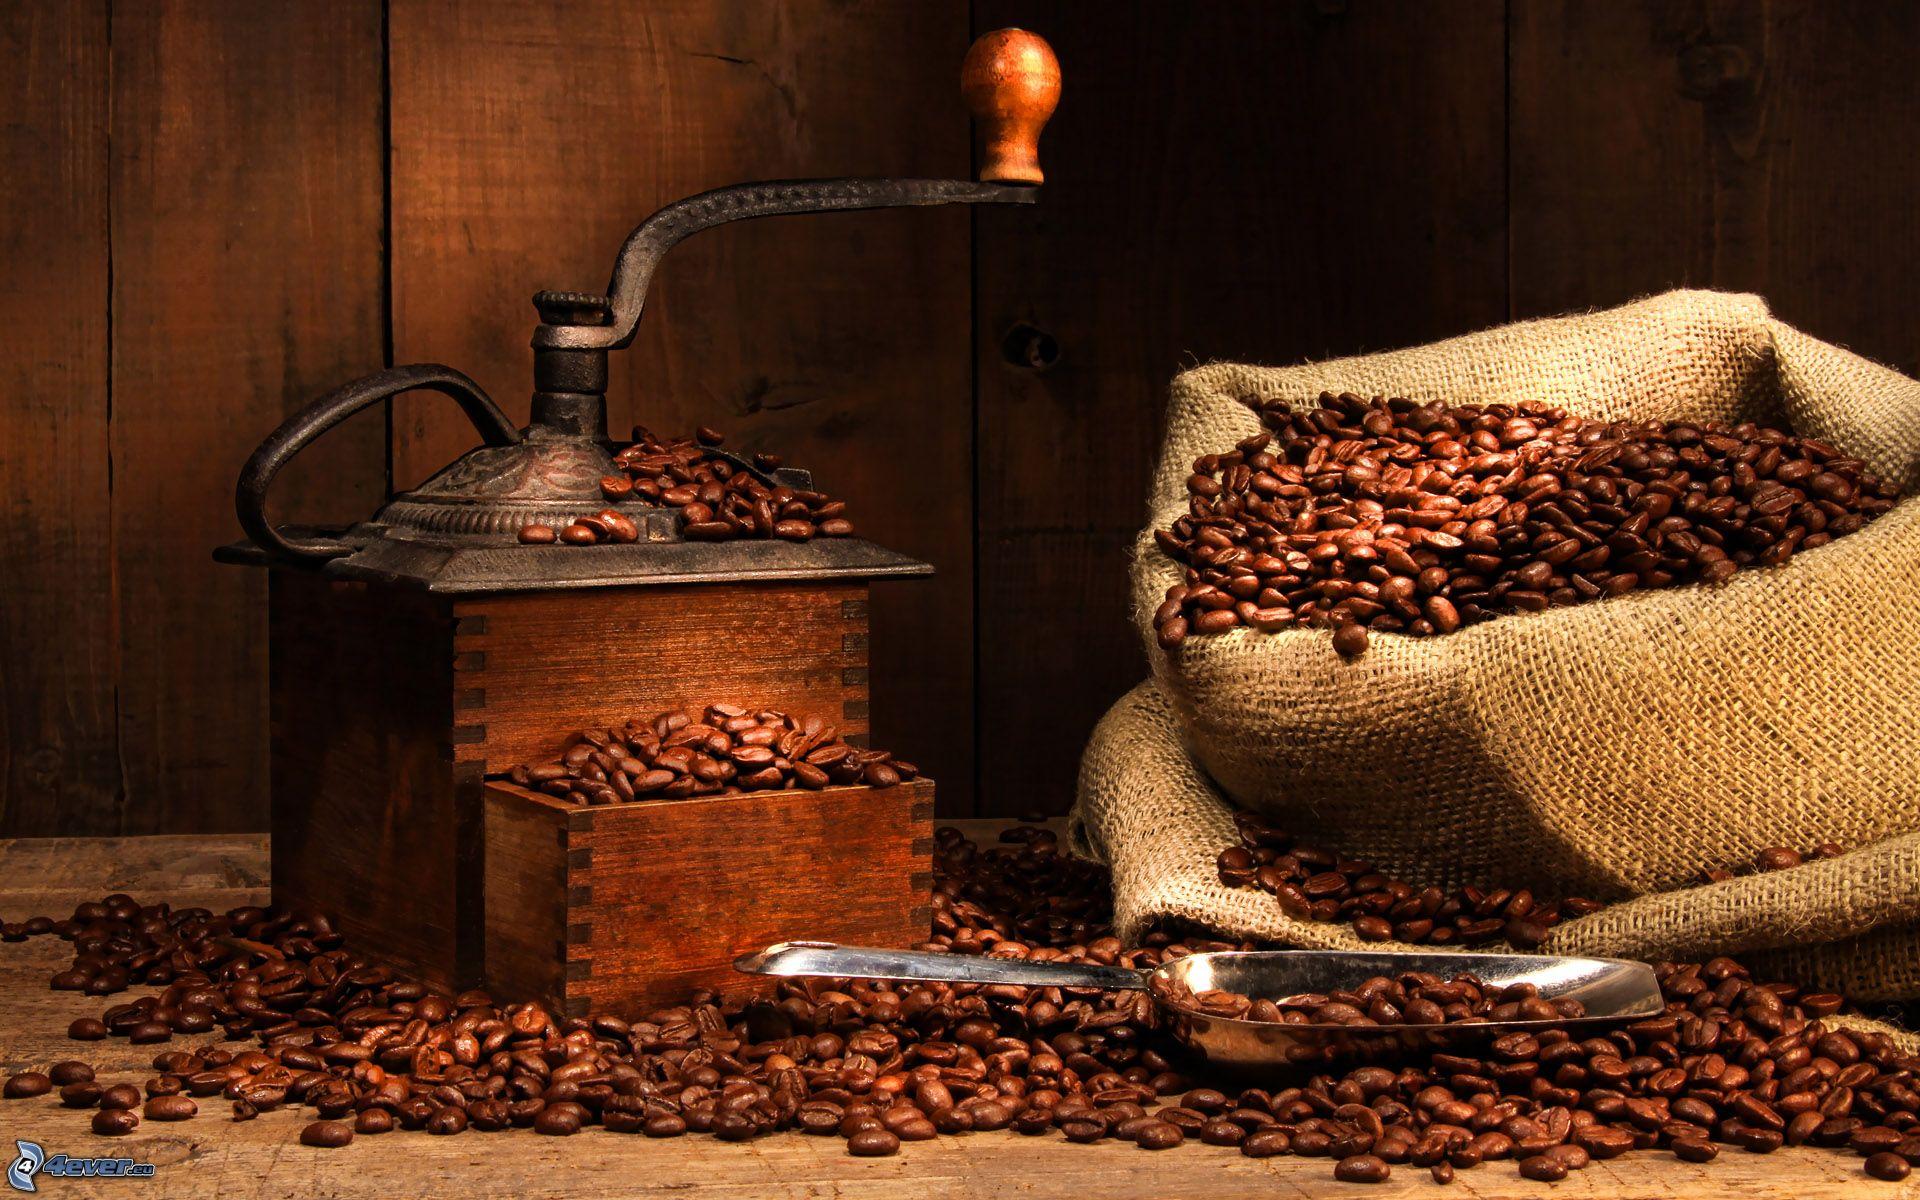 Las 11 del caf revista el conocedor - Bilder cappuccino ...